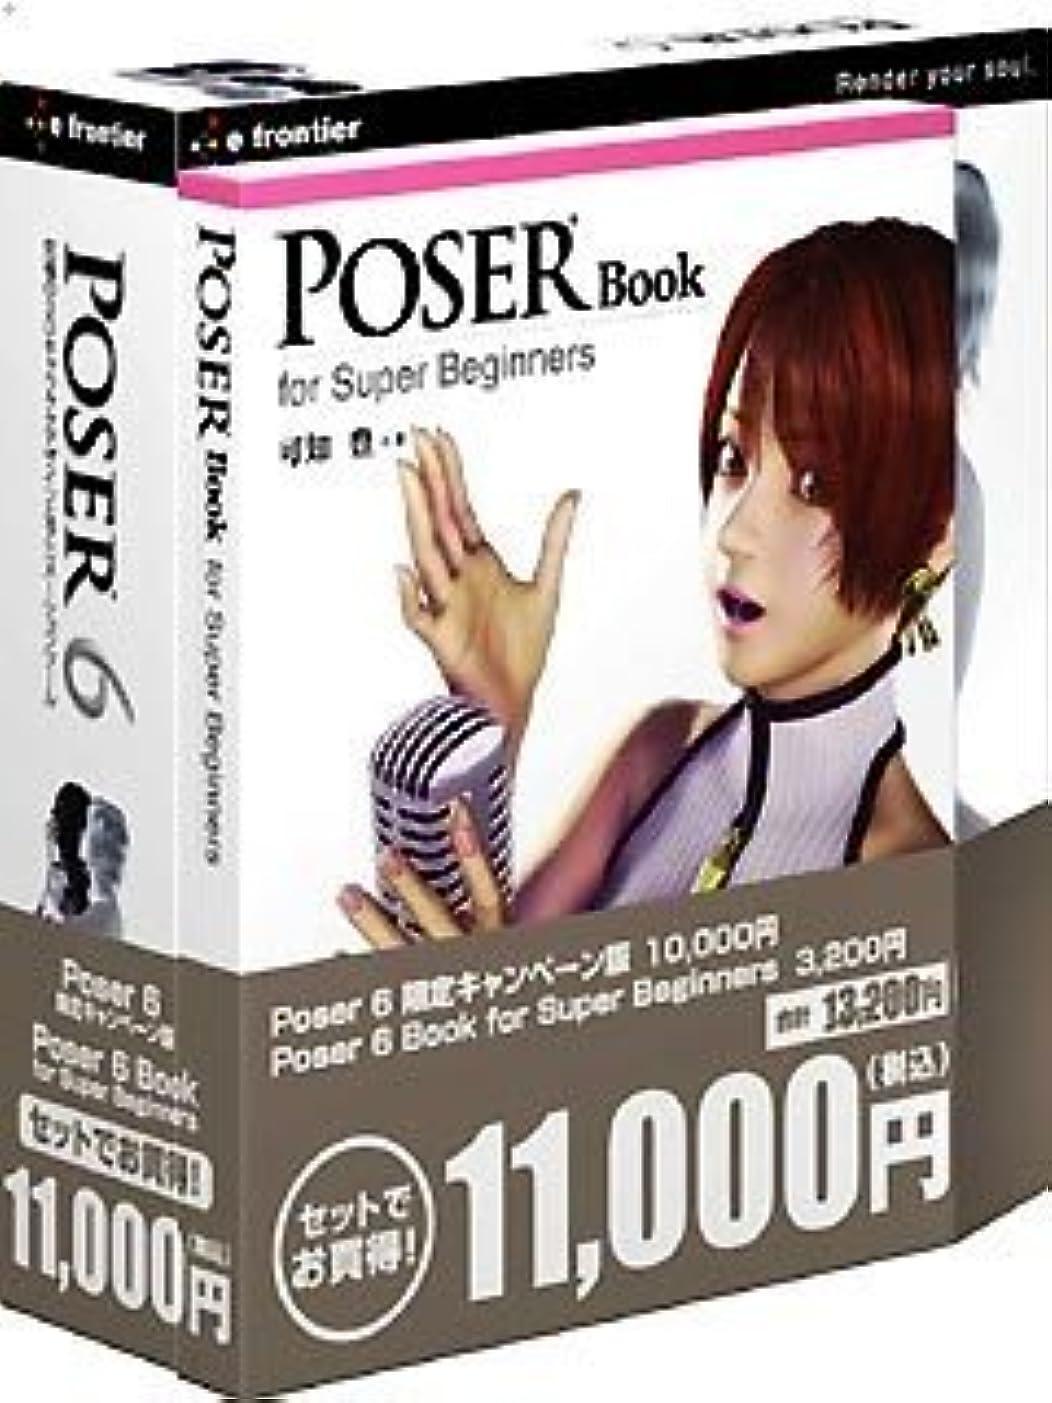 組み込む獲物電気的Poser 6 日本語版 書籍バンドル キャンペーン版 for Windows